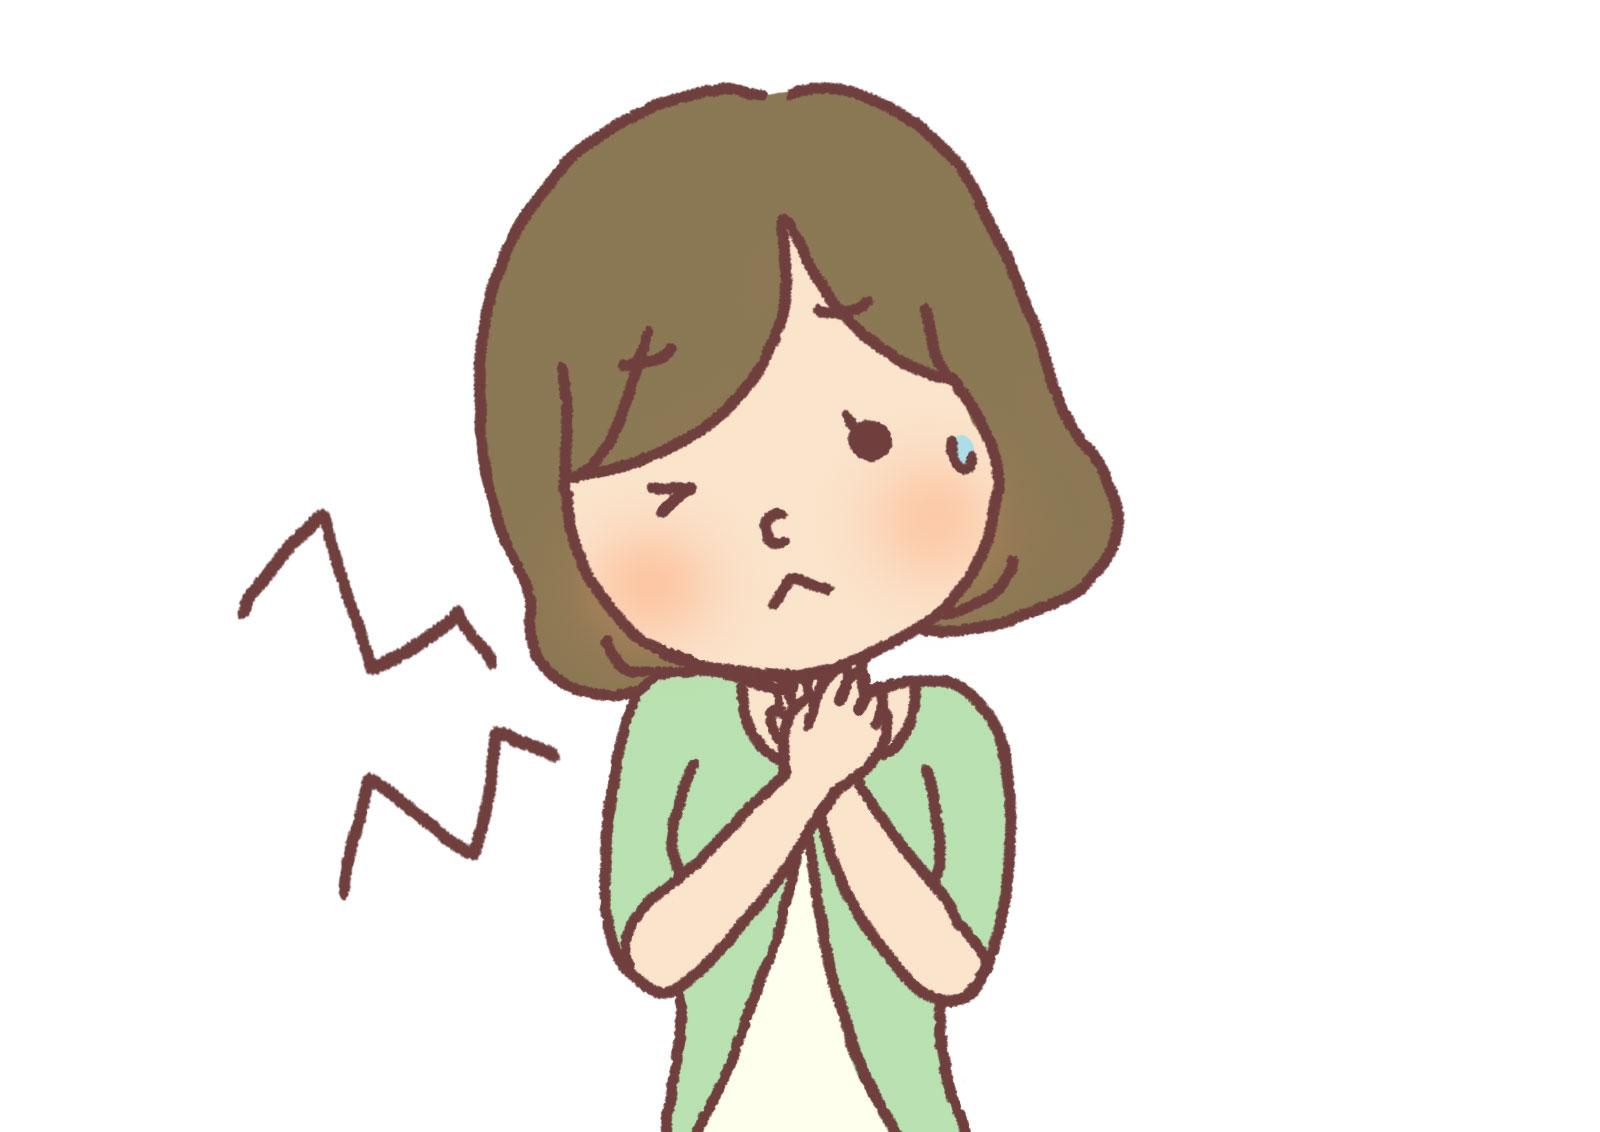 【喉が鳴る!】キュルキュル音が聞こえる原因は!?苦しい&吐き気…病気かも?徹底解説!